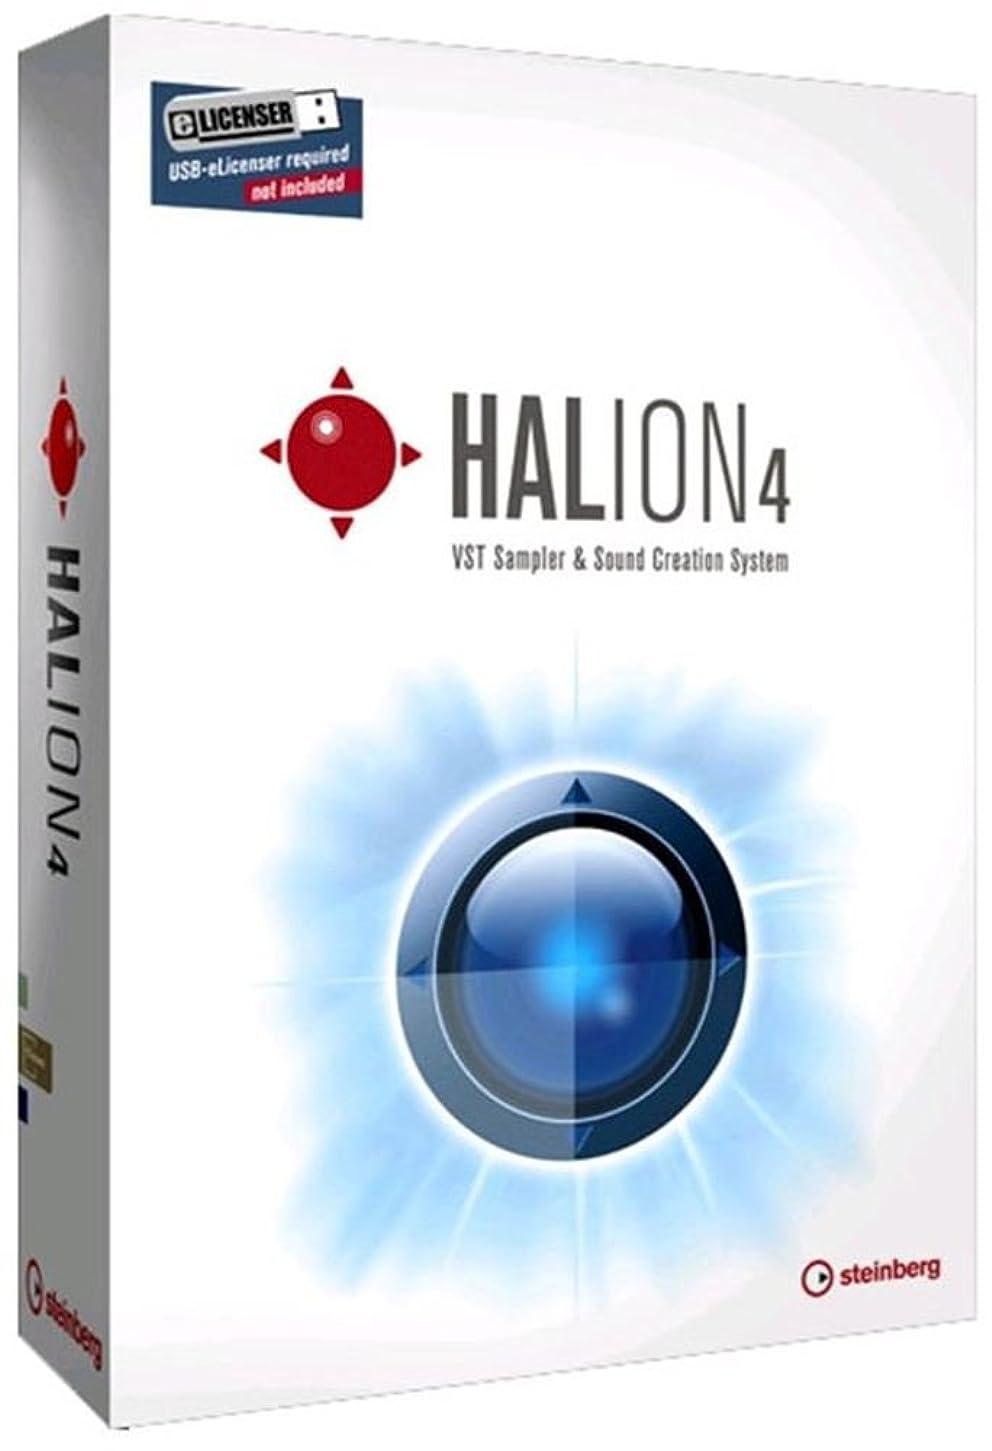 同化する磁器不完全な◆最新版◆ Steinberg HAlion 4 通常版◆『並行輸入品』◆マルチサンプラー音源◆